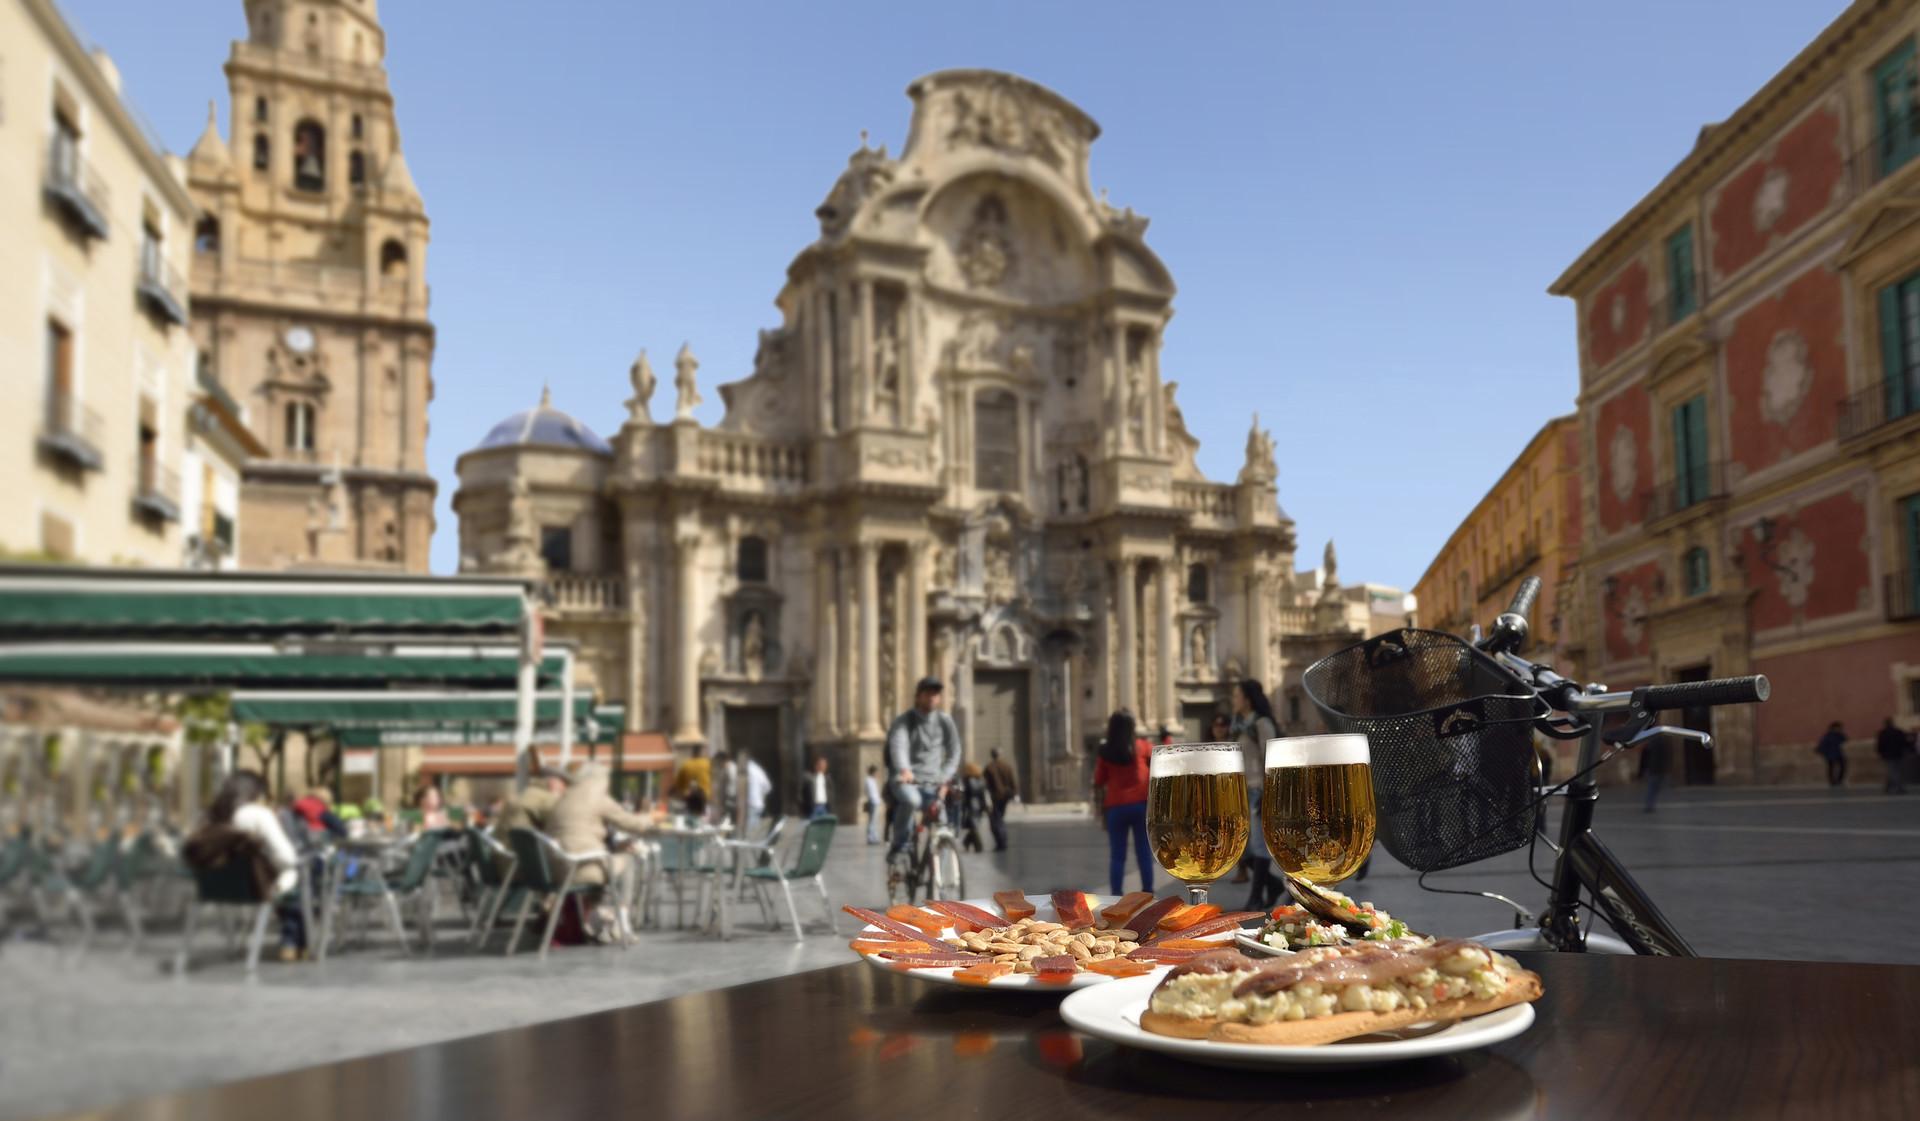 Esperienza a Murcia (Spagna), di Mariola